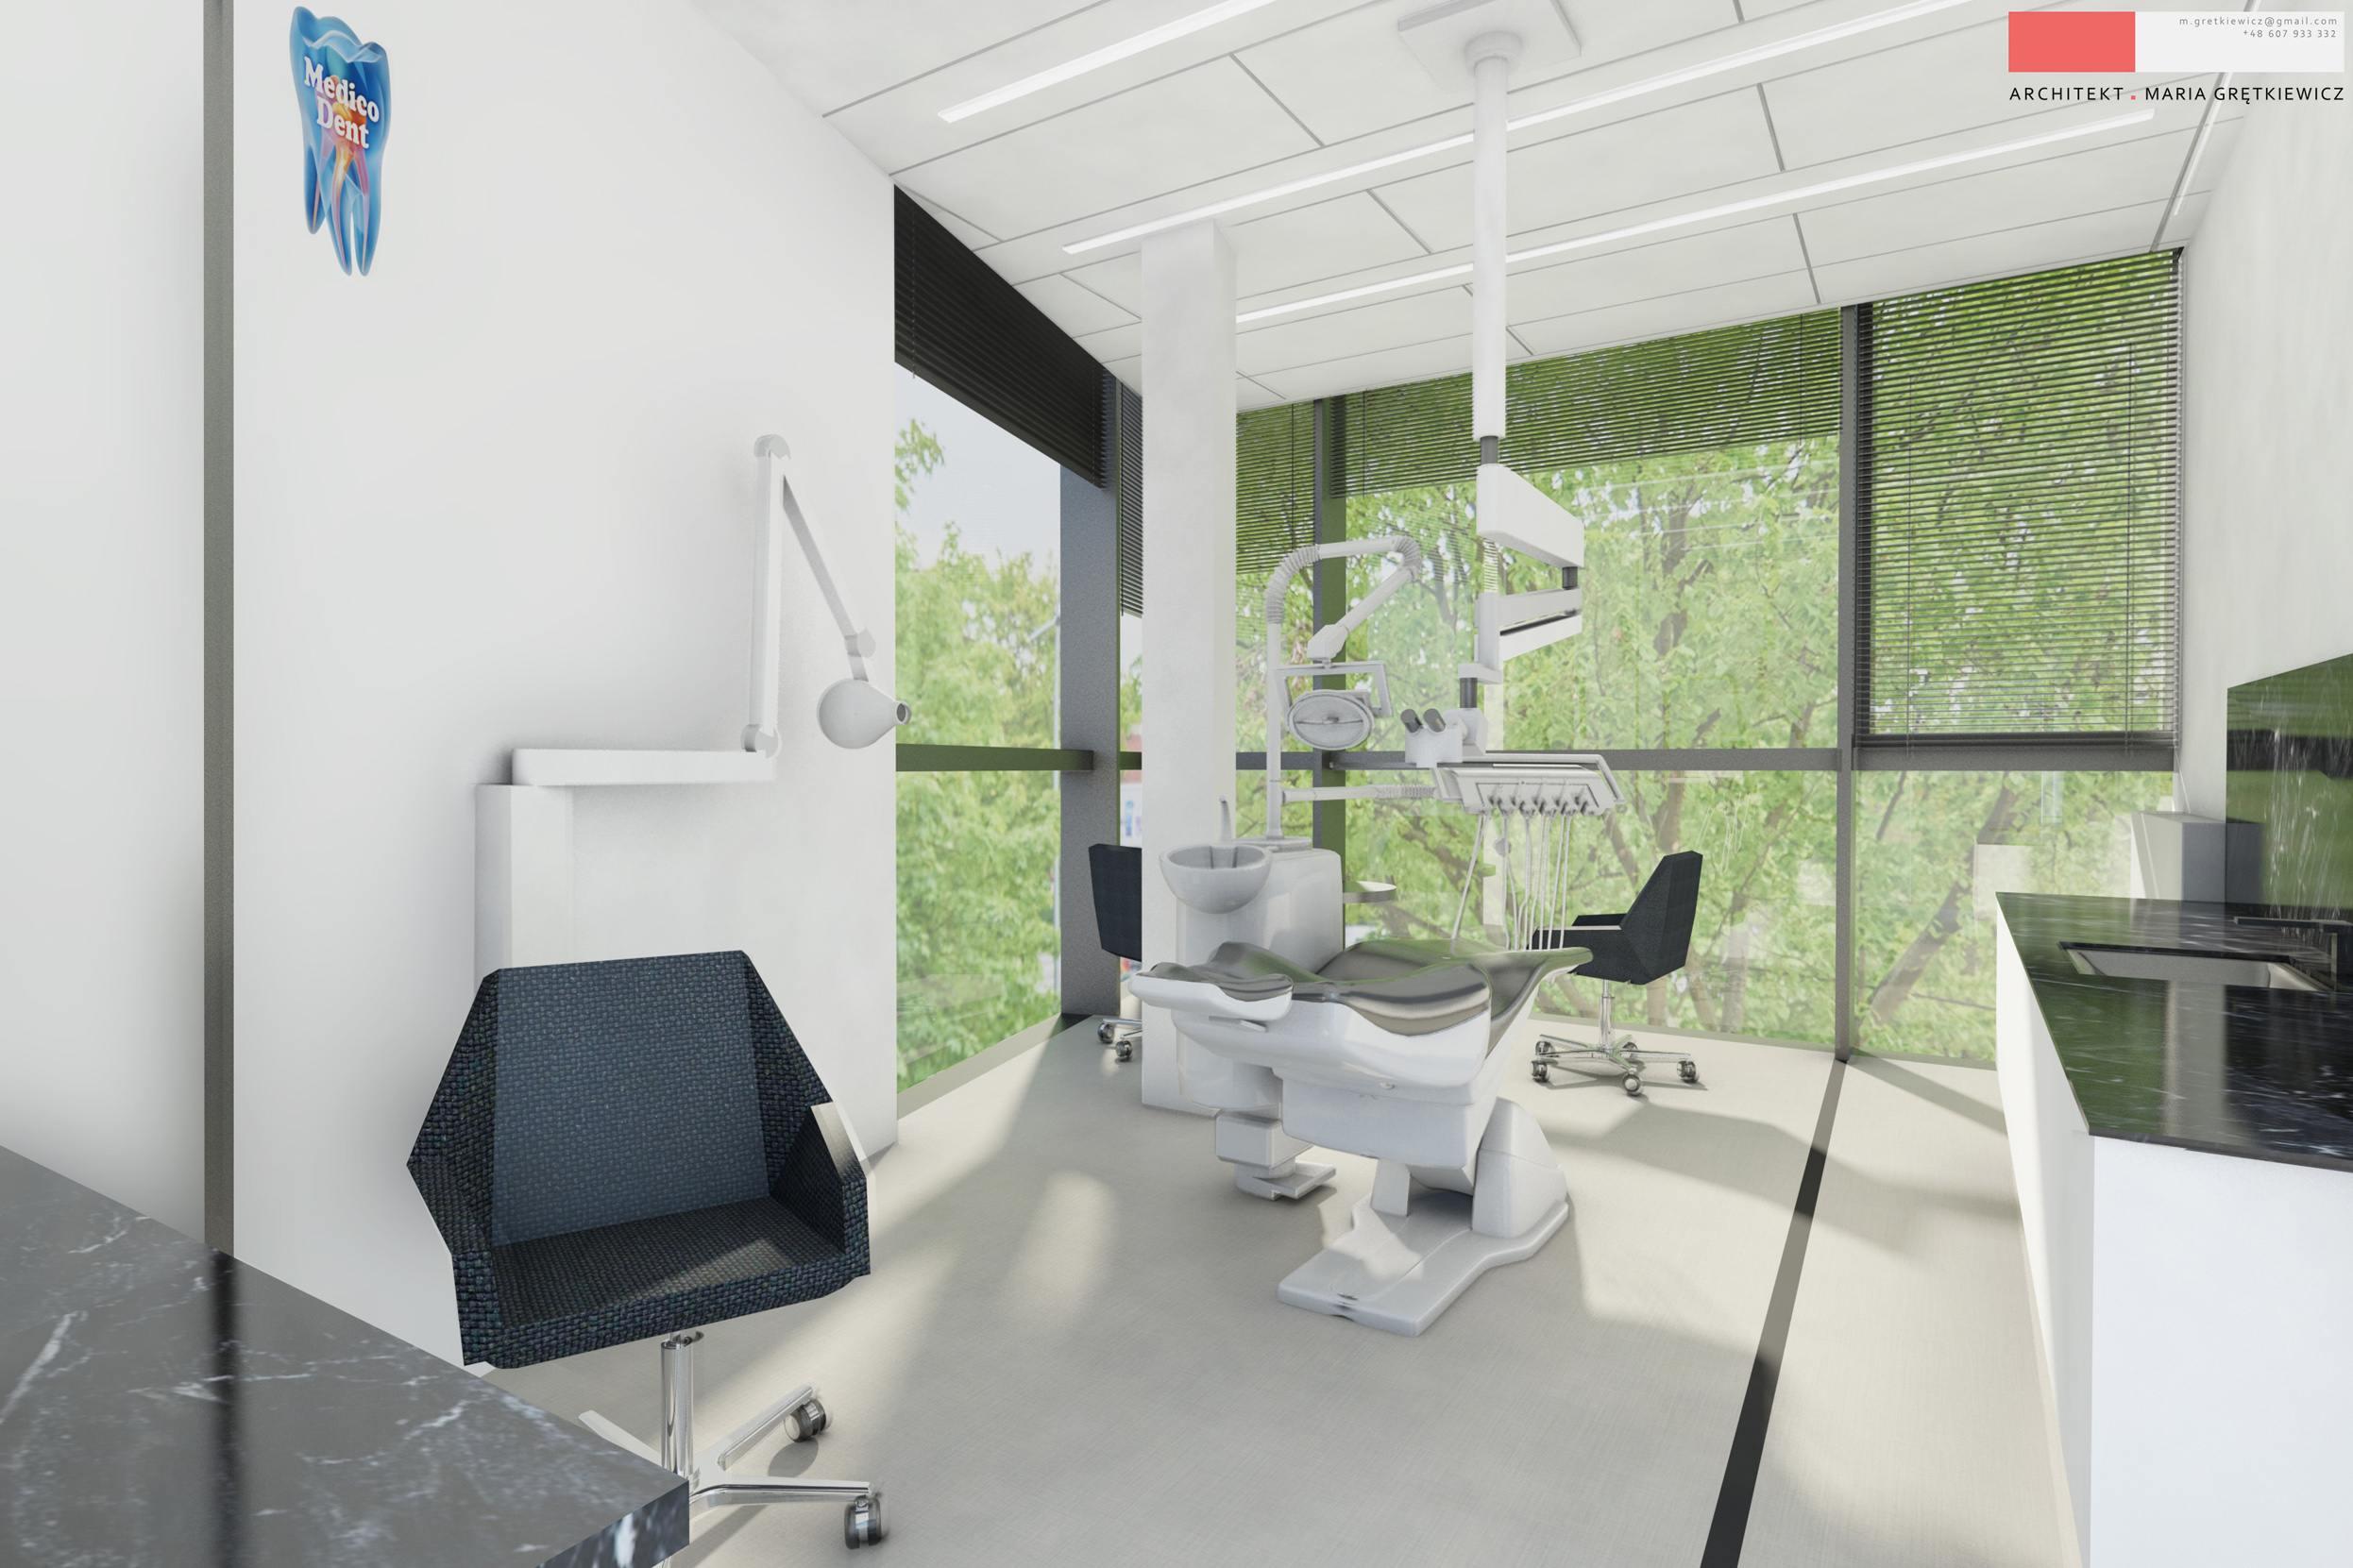 MedicoDent - Medico dent